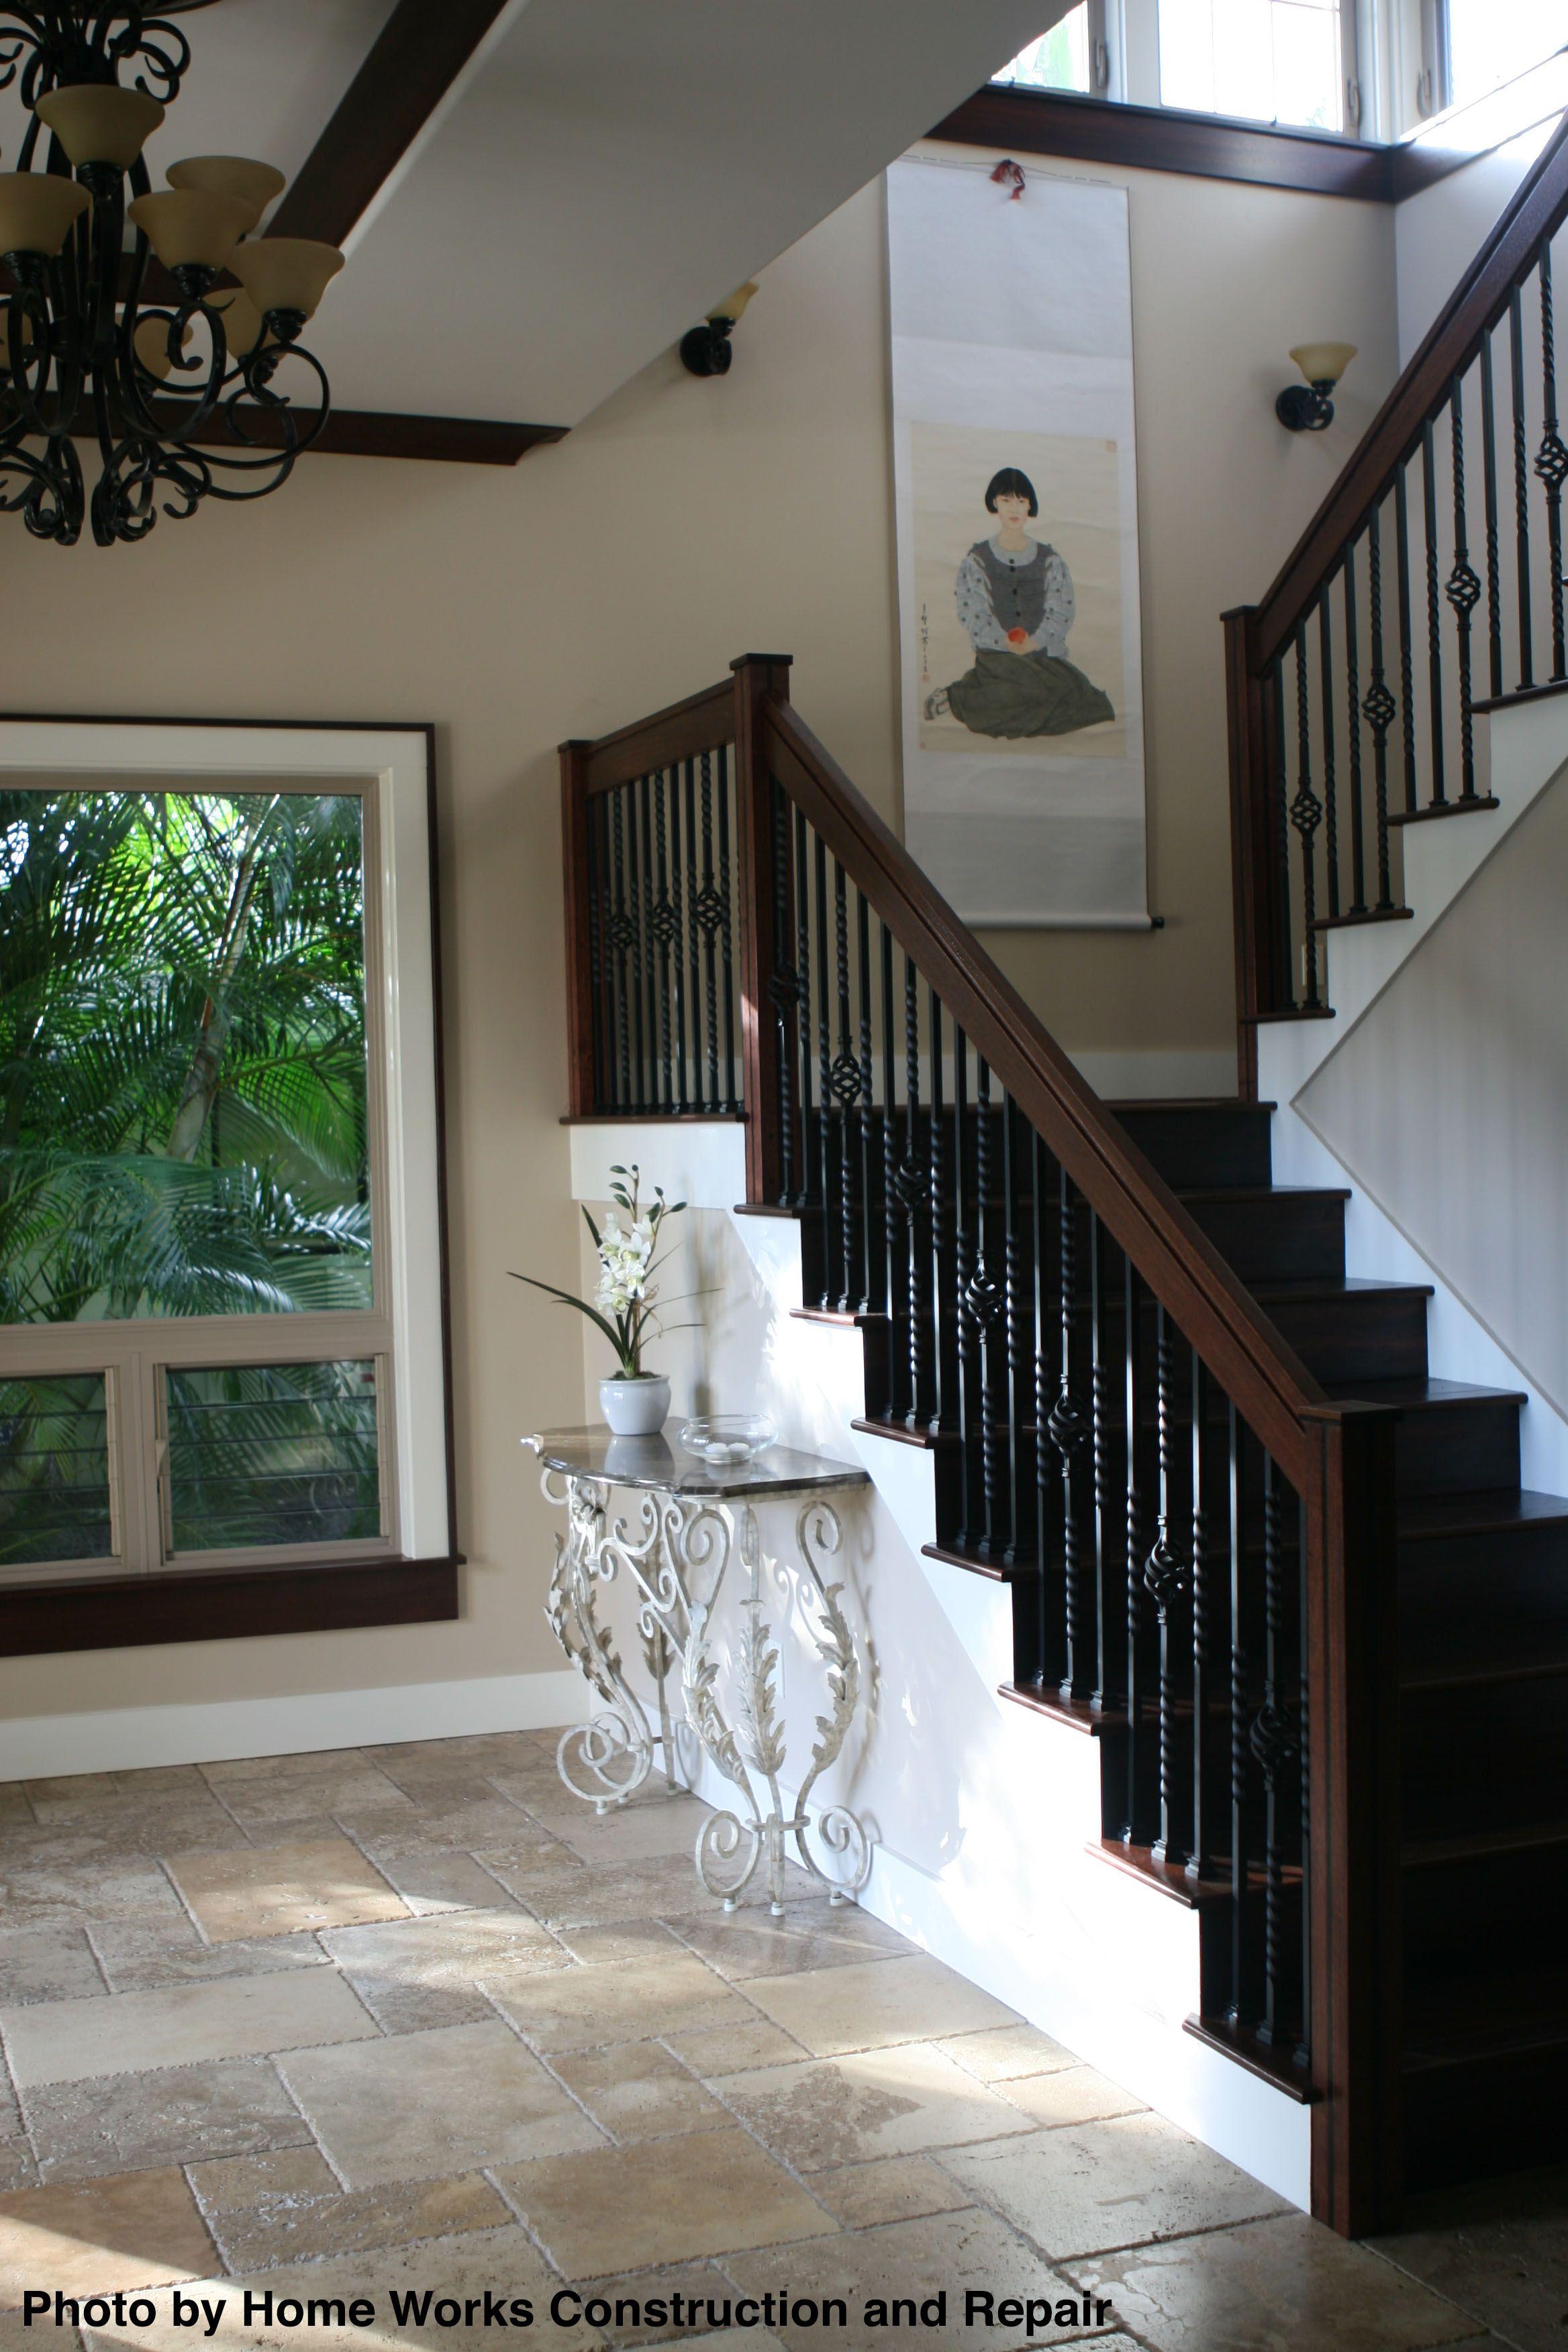 Best Diy Tips For How To Fix Loose Or Broken Ceramic Floor 400 x 300